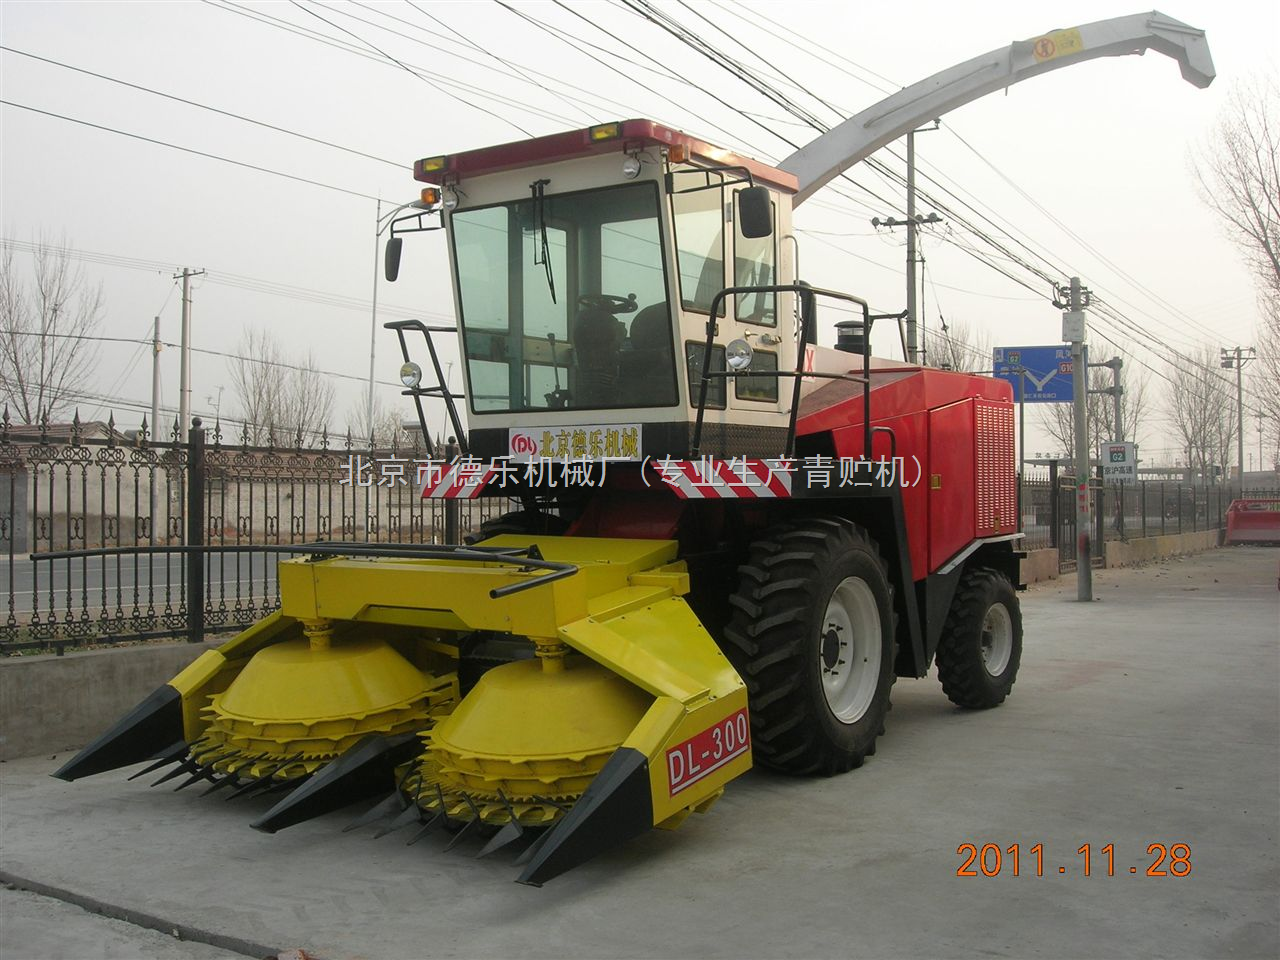 北京市德乐机械有限公司